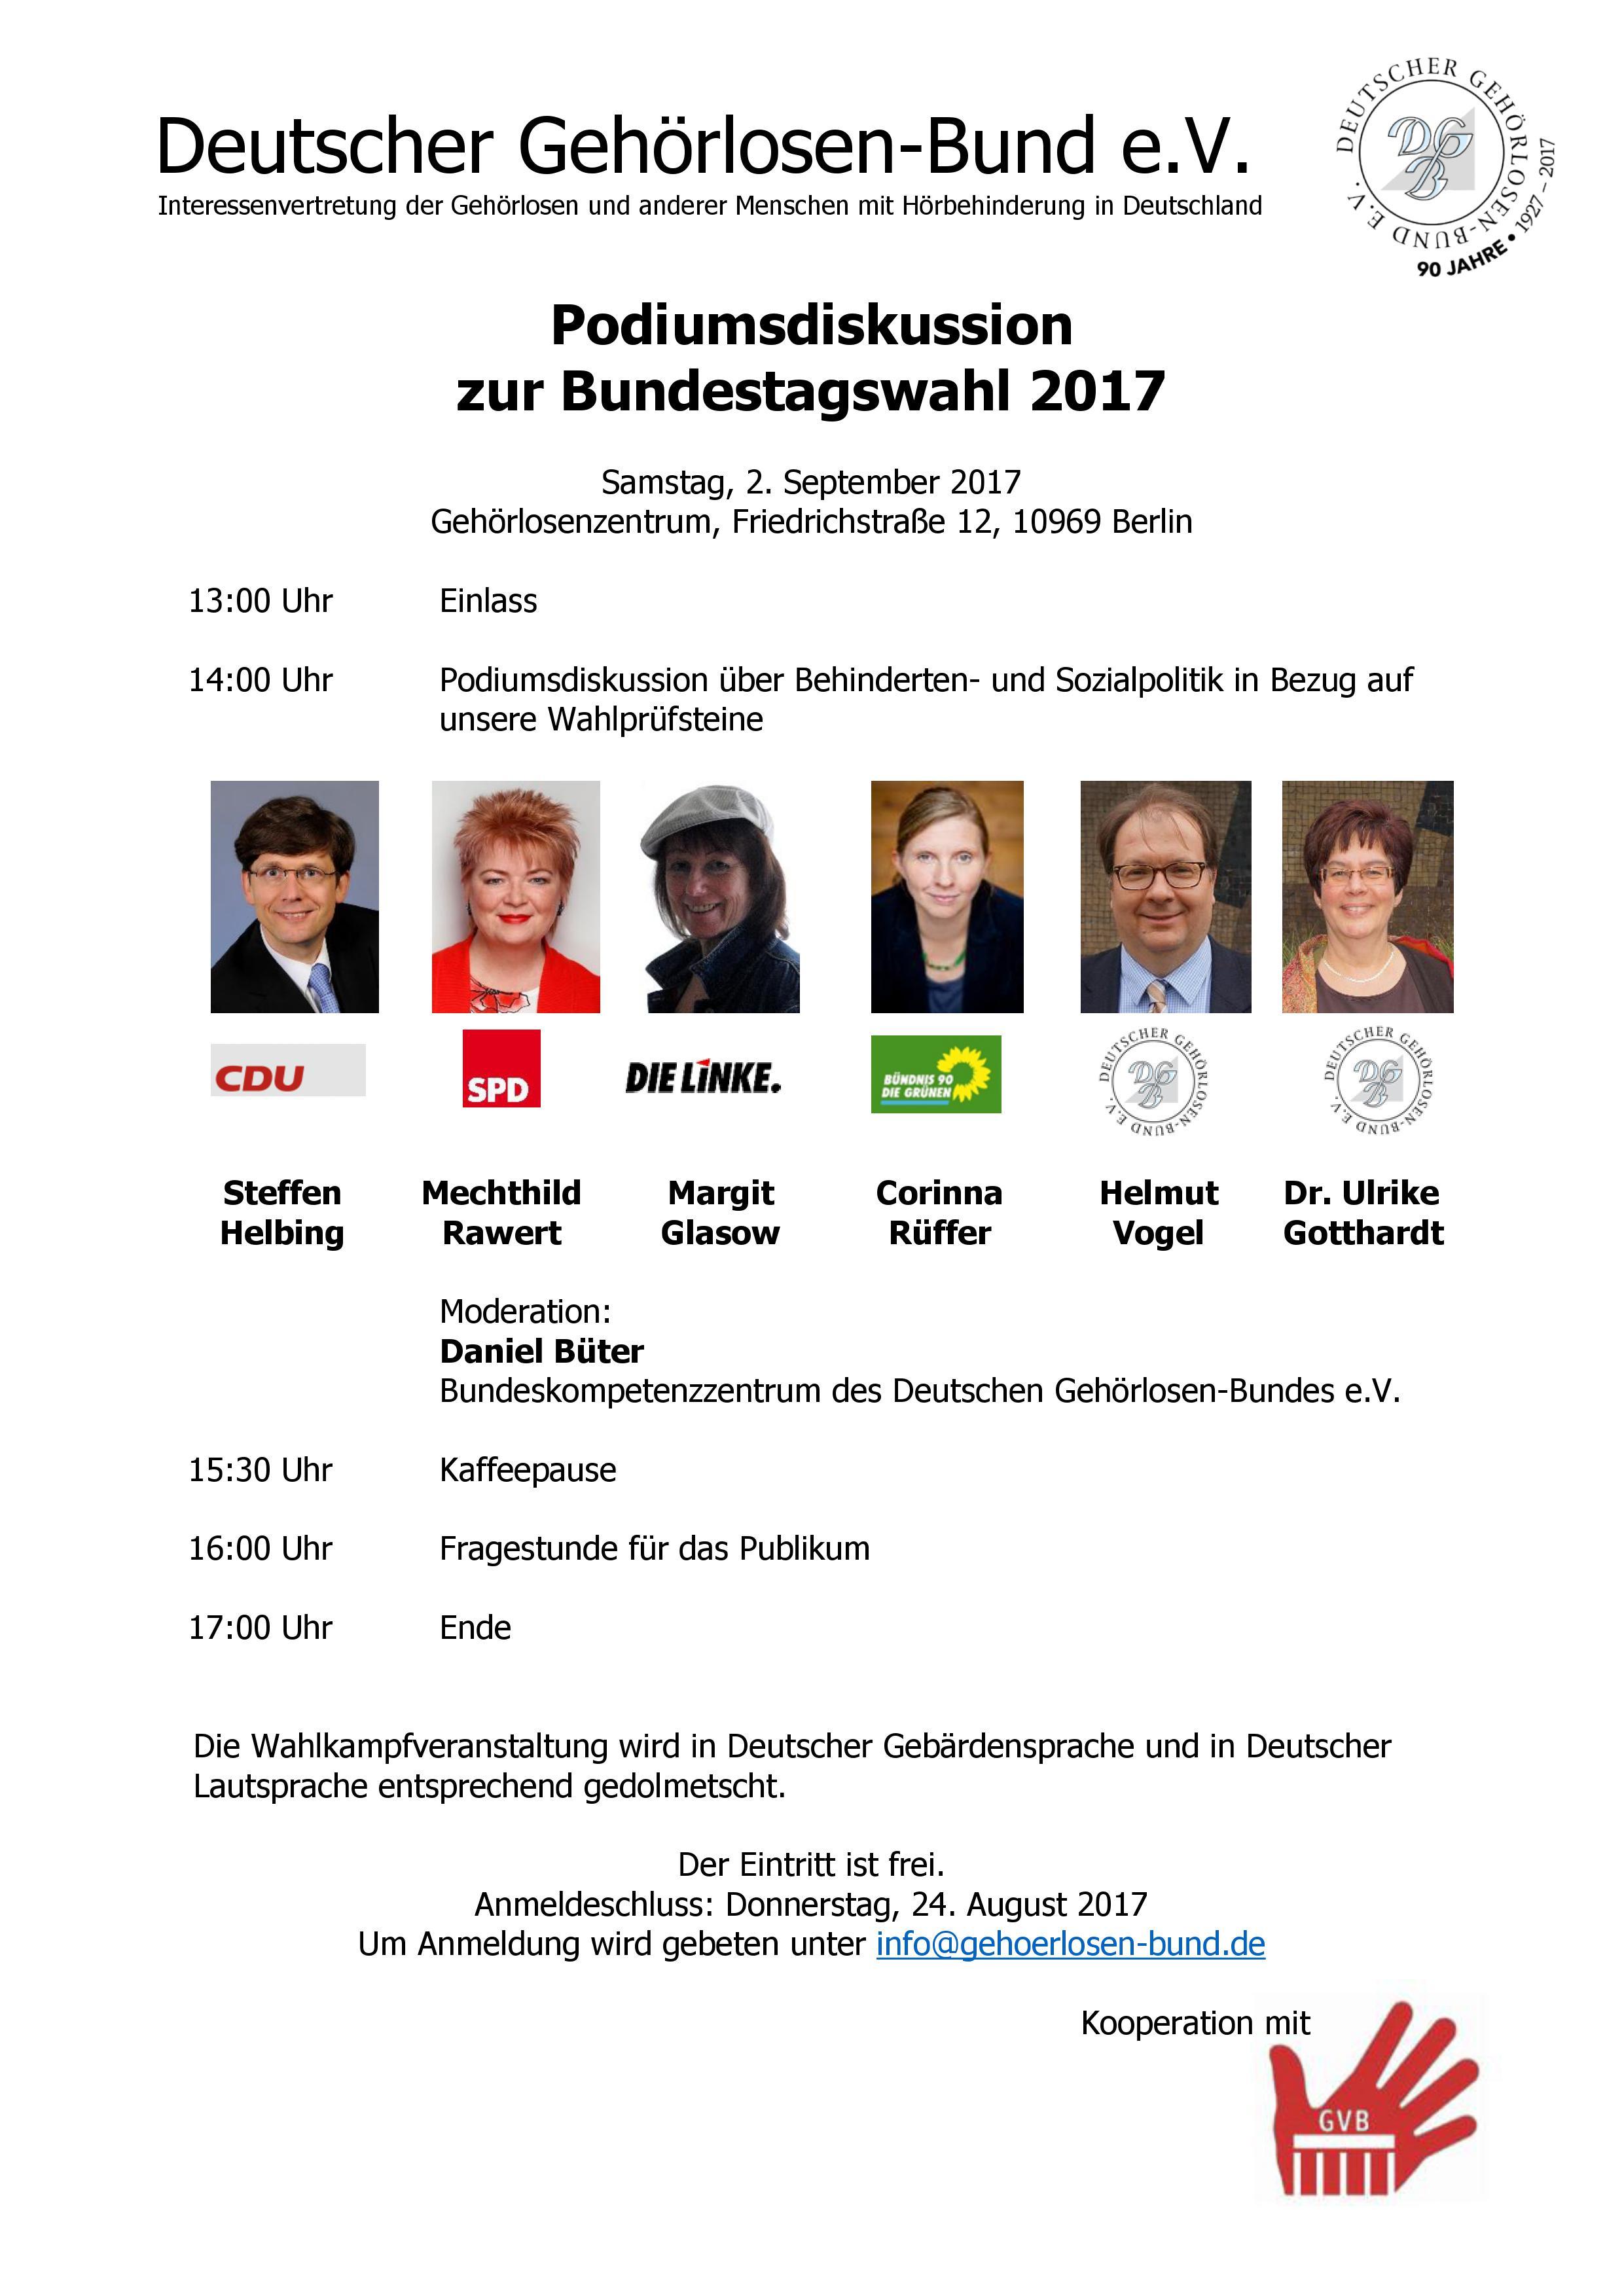 Deutscher Gehörlosen-Bund e.V.